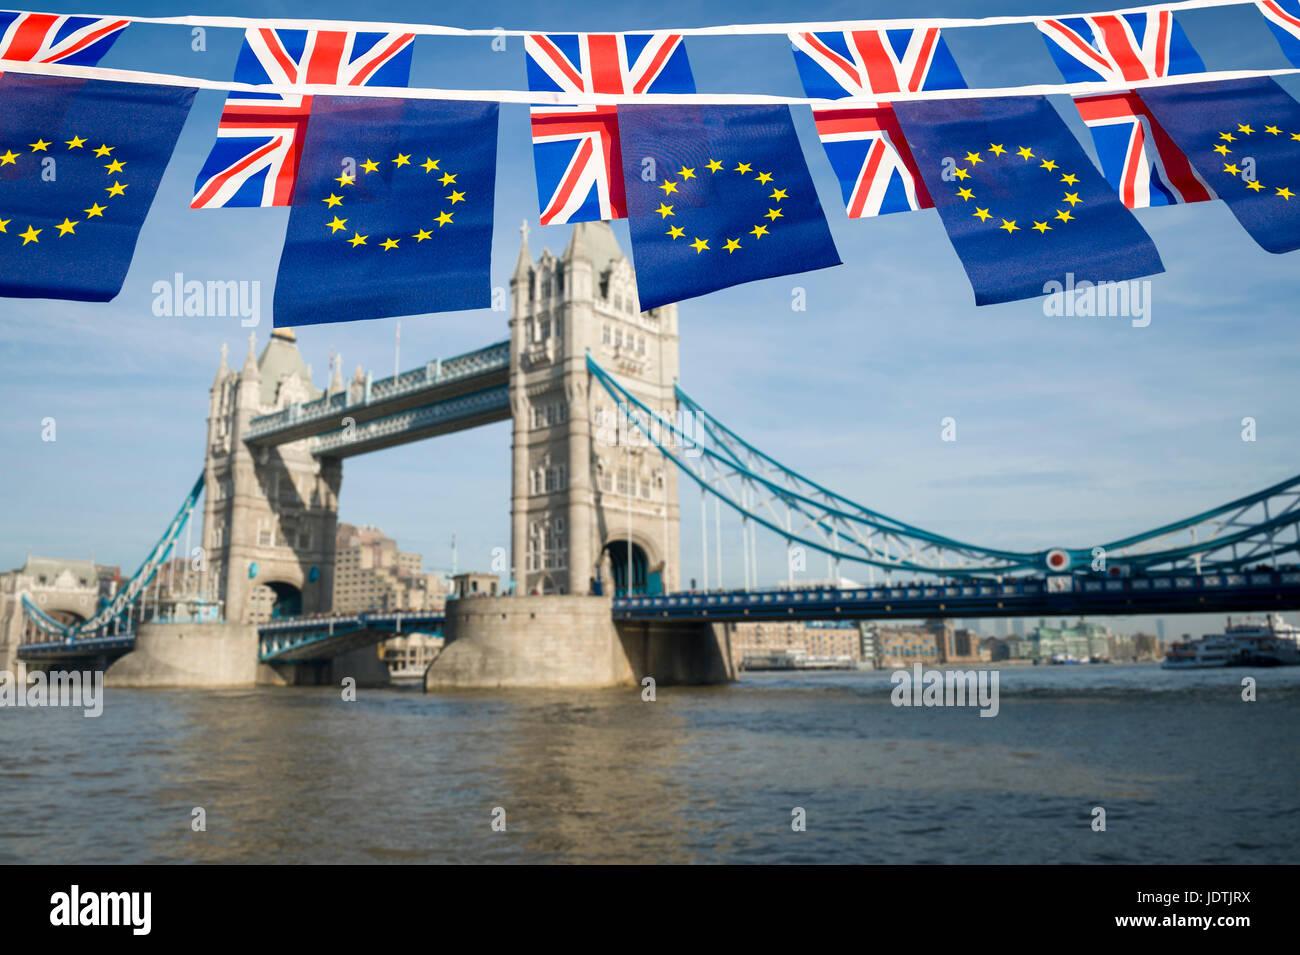 Ue e Regno Unito bunting bandiere di fronte al London, England skyline sul Fiume Tamigi a Tower Bridge Immagini Stock